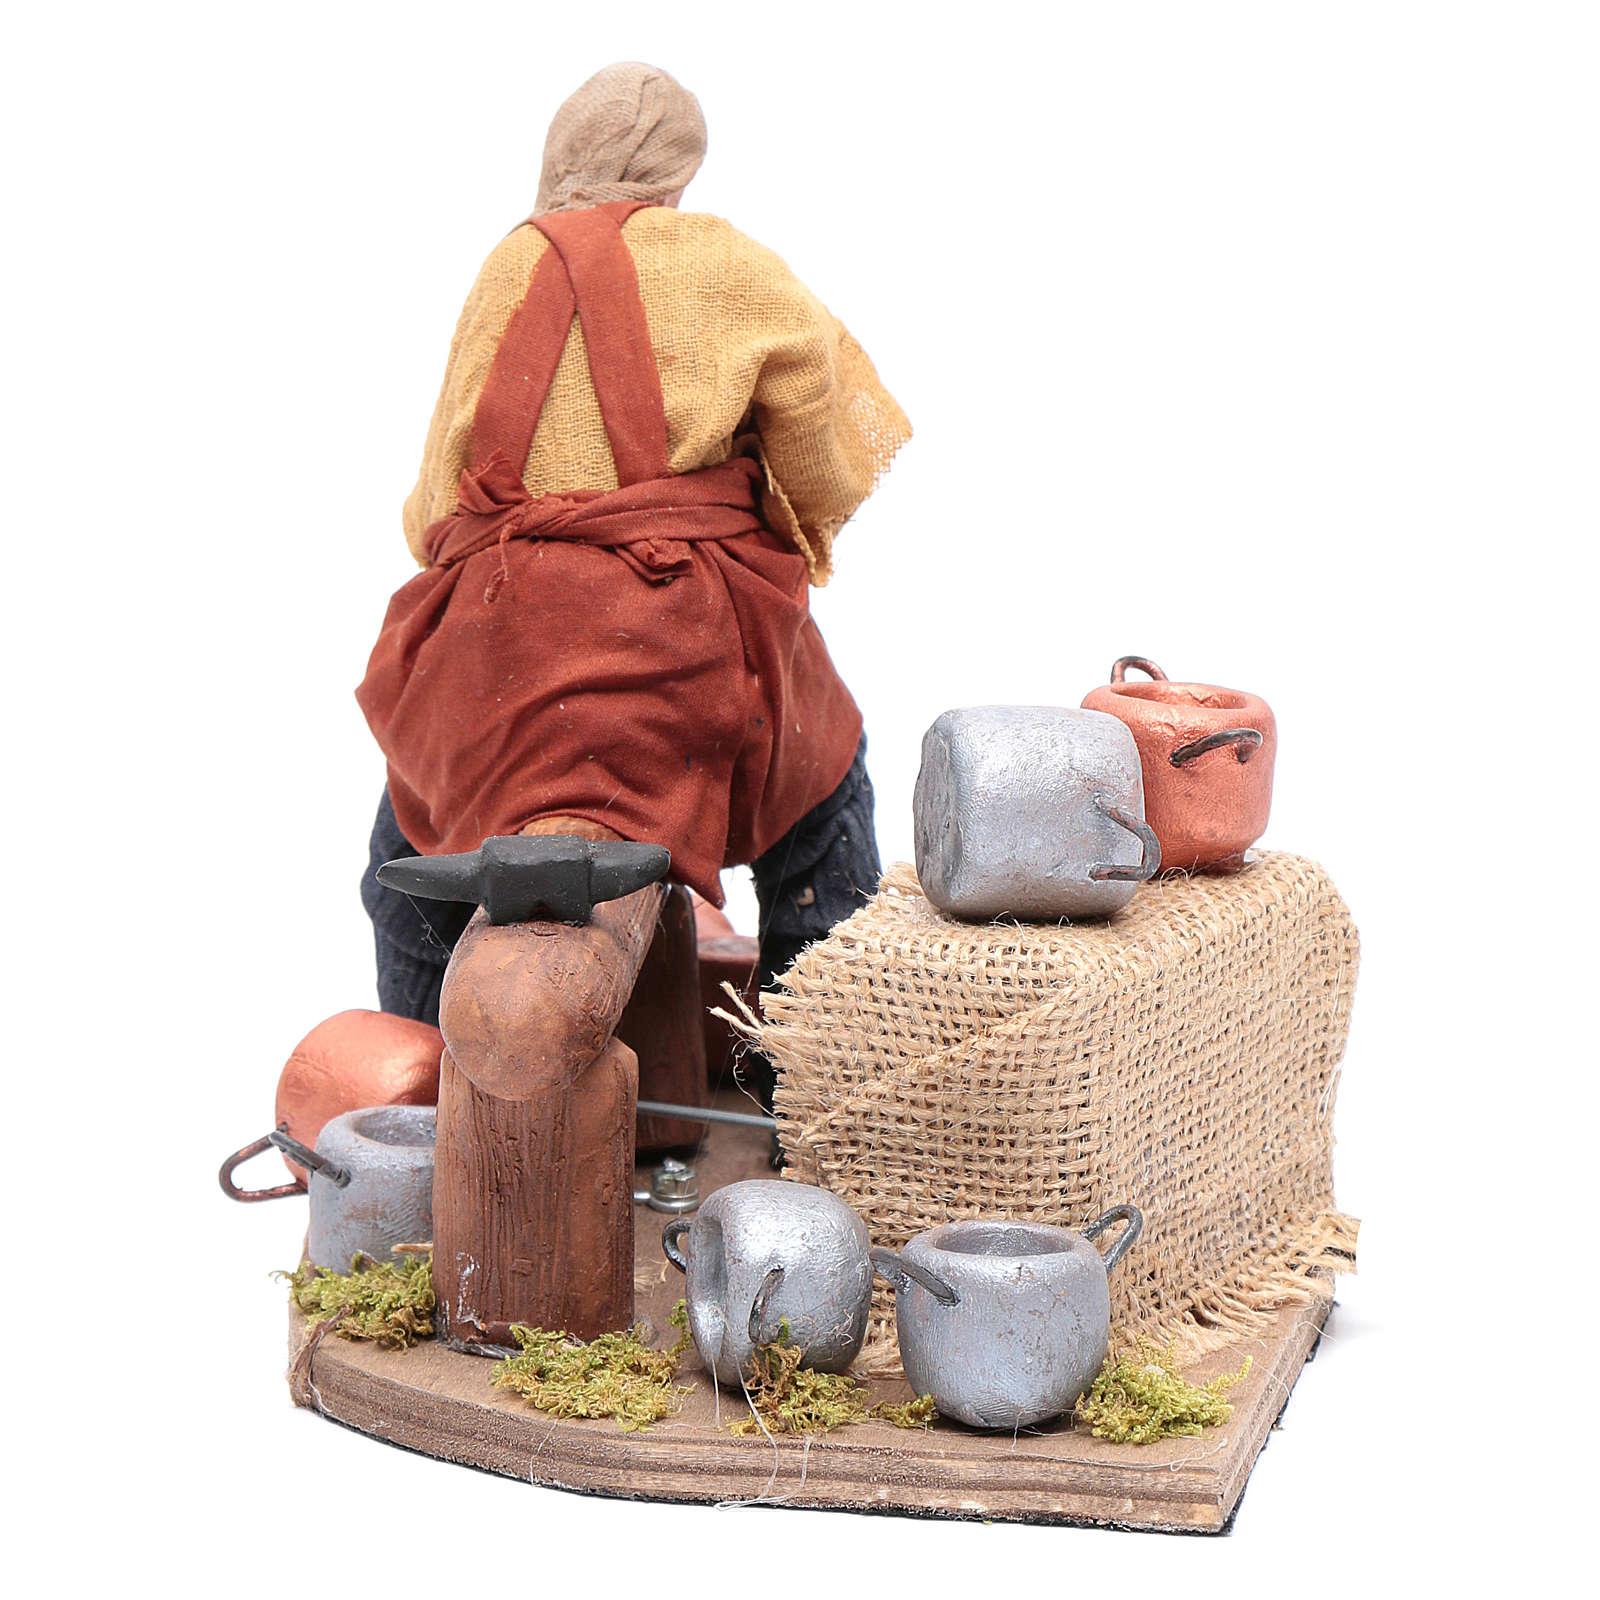 Moving pot fixer 14 cm for  Neapolitan nativity scene 4